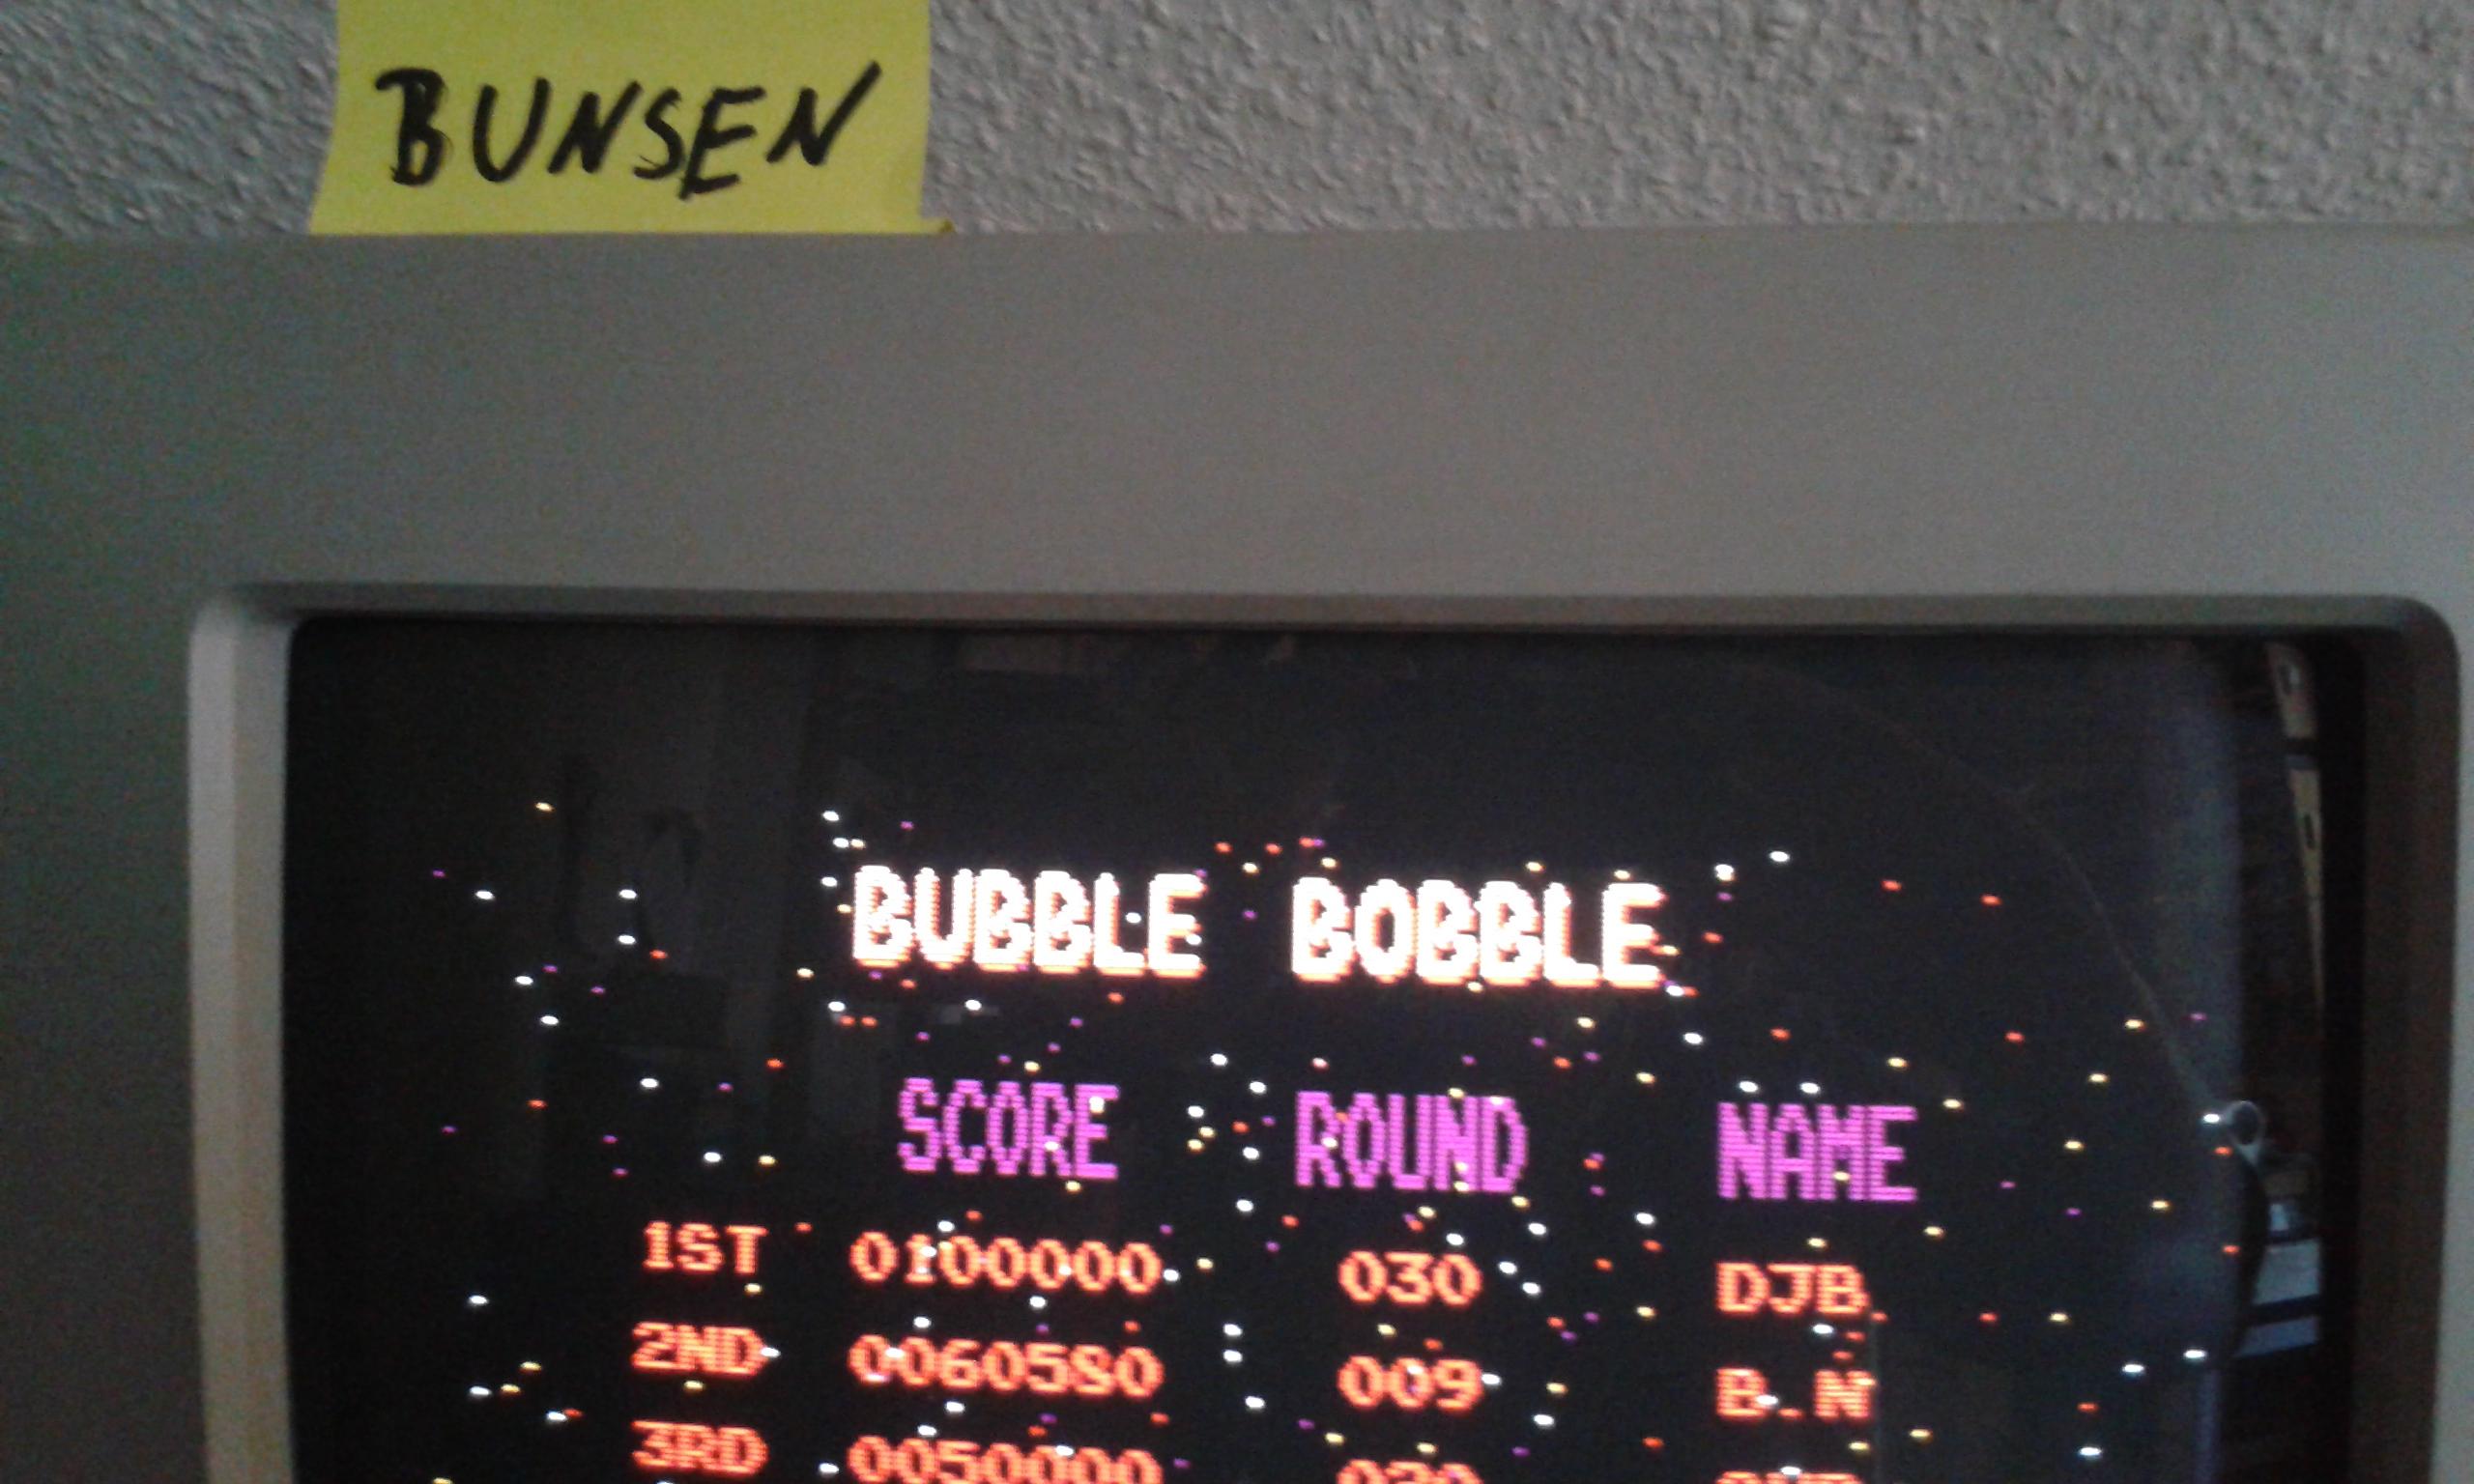 Bunsen: Bubble Bobble (Atari ST) 60,580 points on 2015-04-17 12:20:39